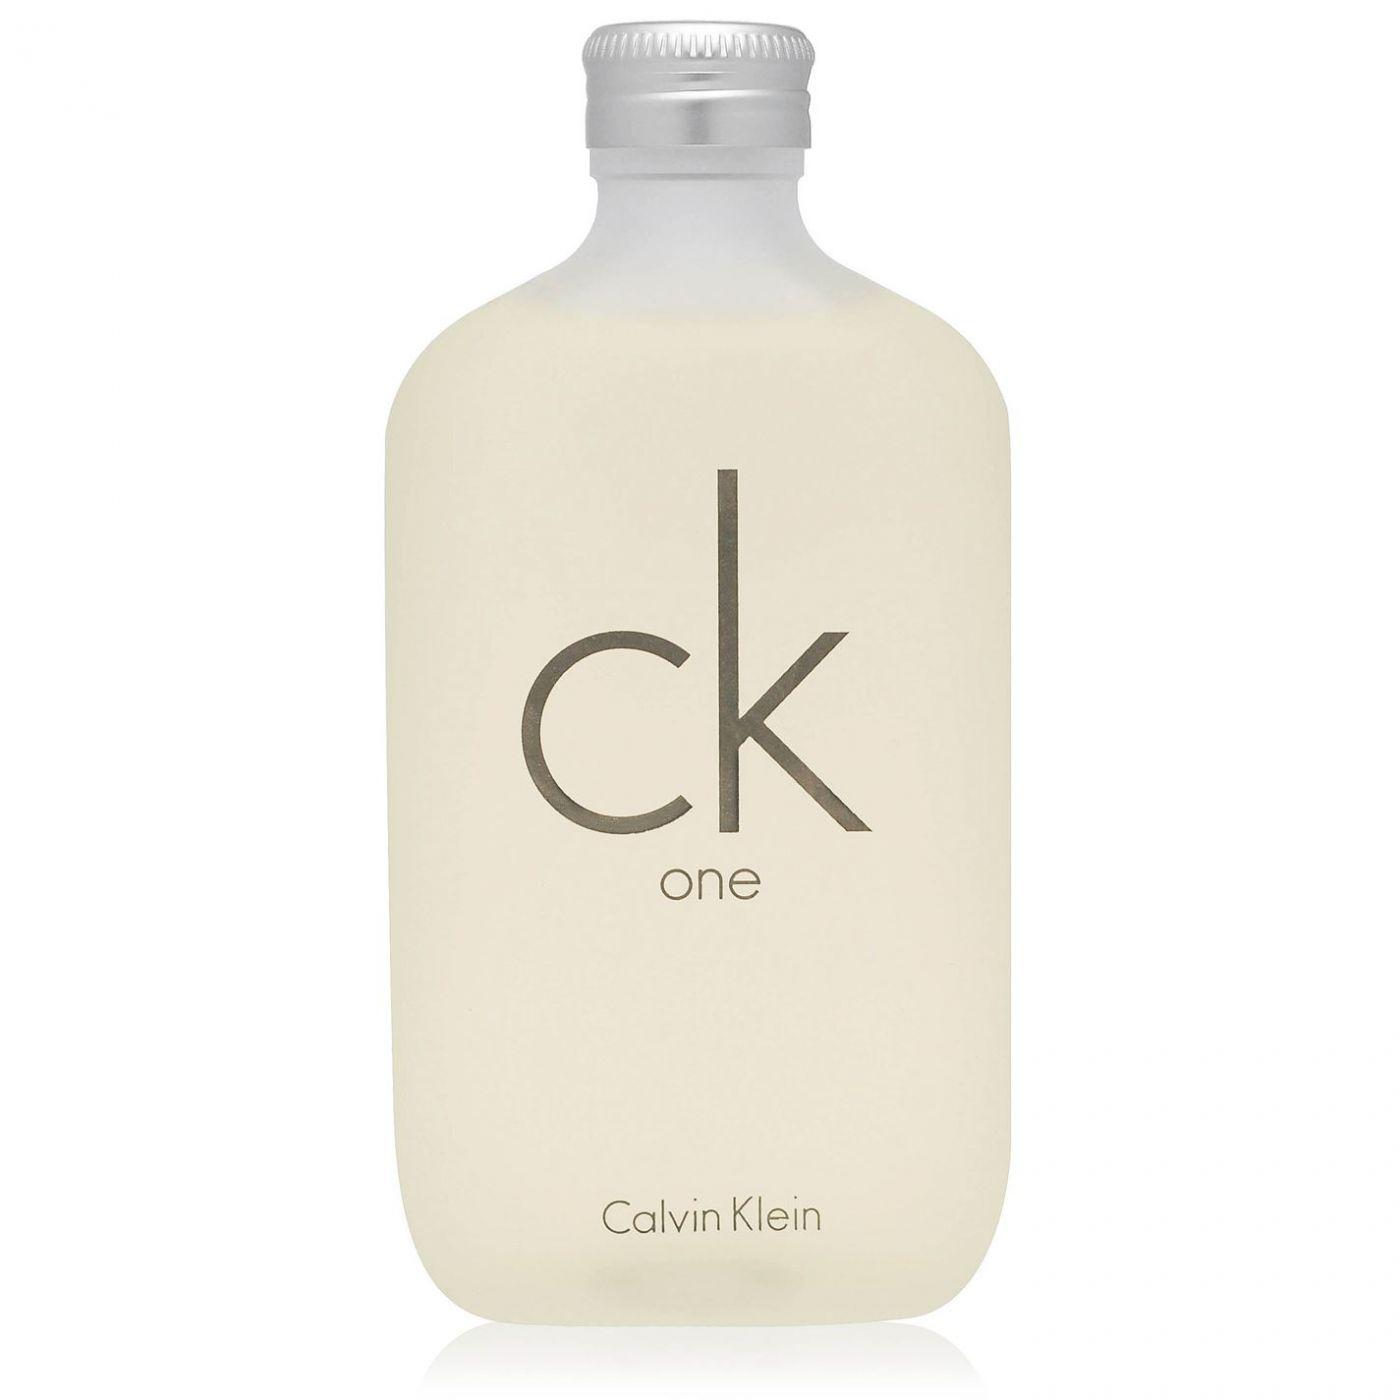 c932c49d29a Calvin Klein CK One Eau de Toilette Unisex Adult - FACTCOOL